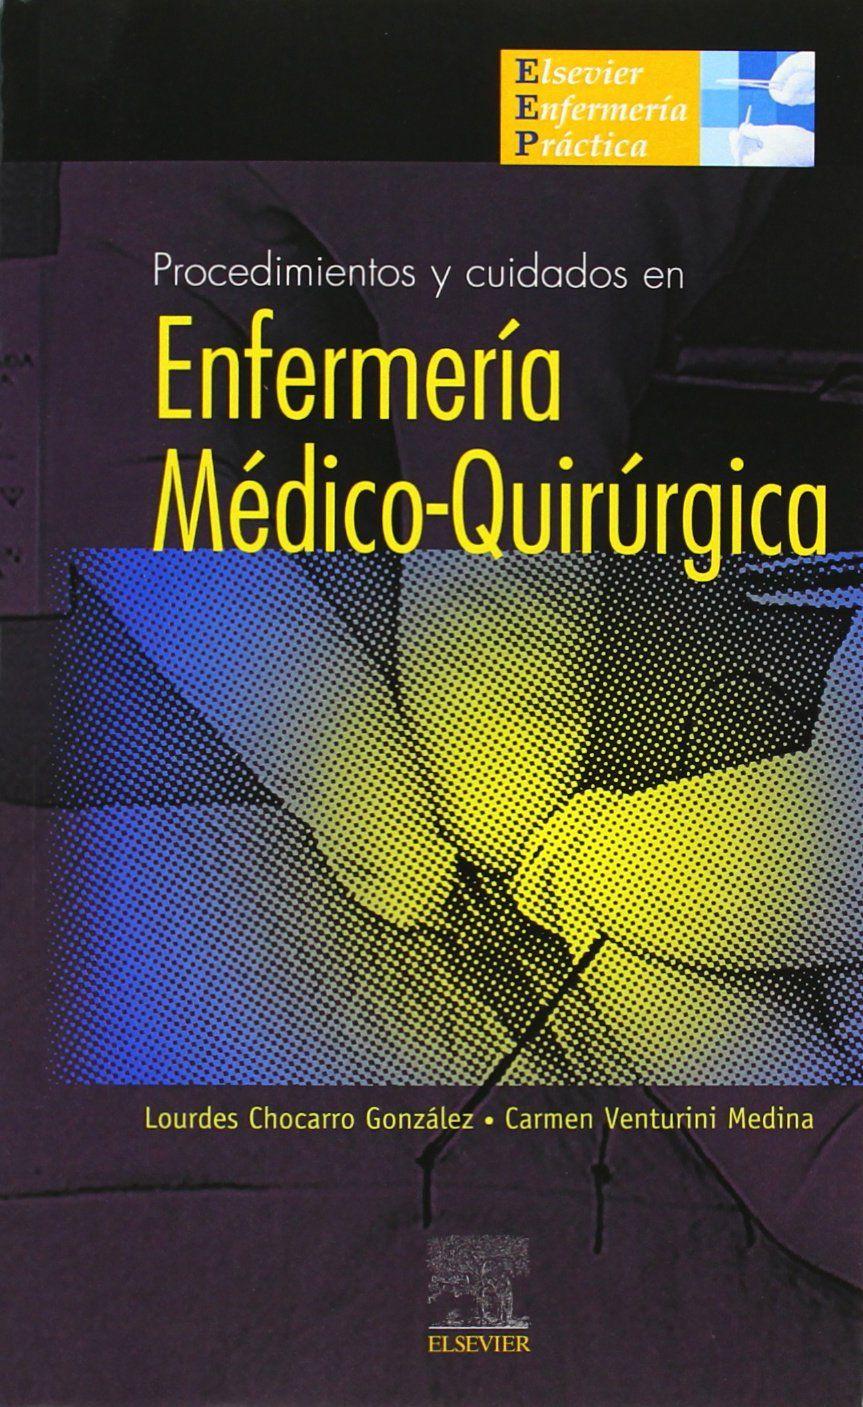 Procedimientos y cuidados en enfermería médico-quirúrgica / Lourdes Chocarro González, Carmen Venturini Medina [editoras]